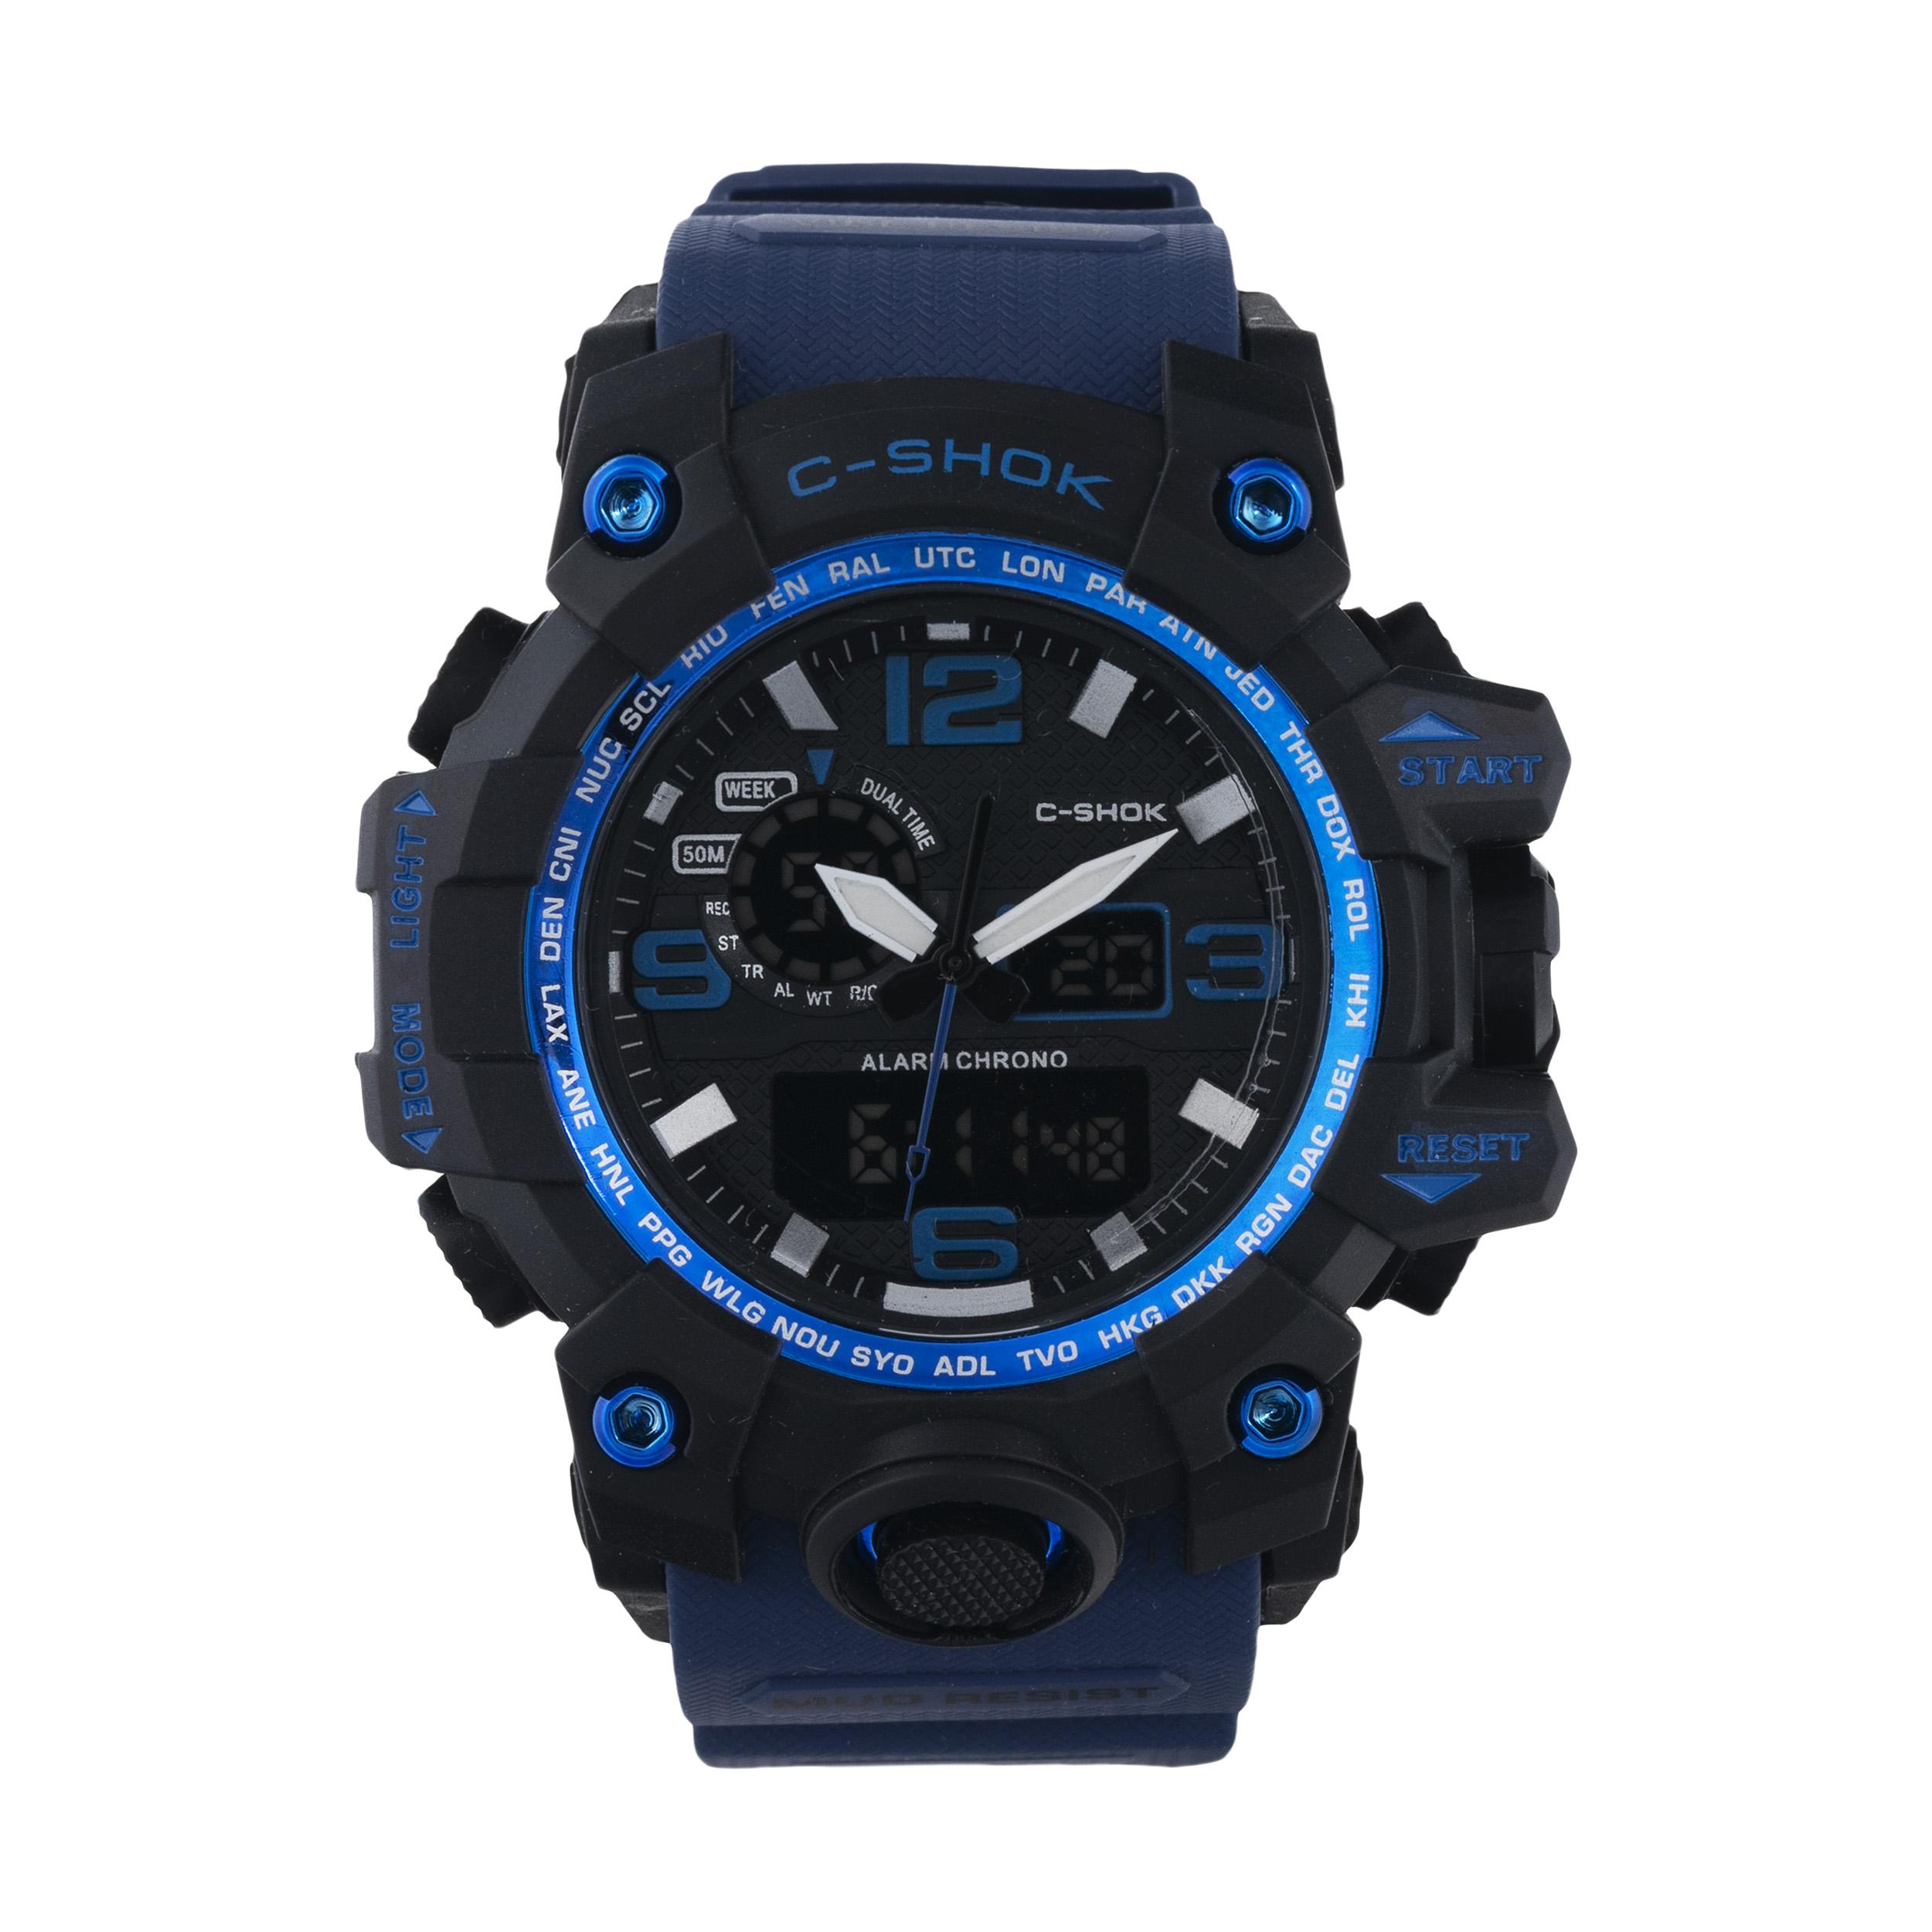 ساعت مچی عقربه ای مردانه سی شاک مدل C-SHOK Br01